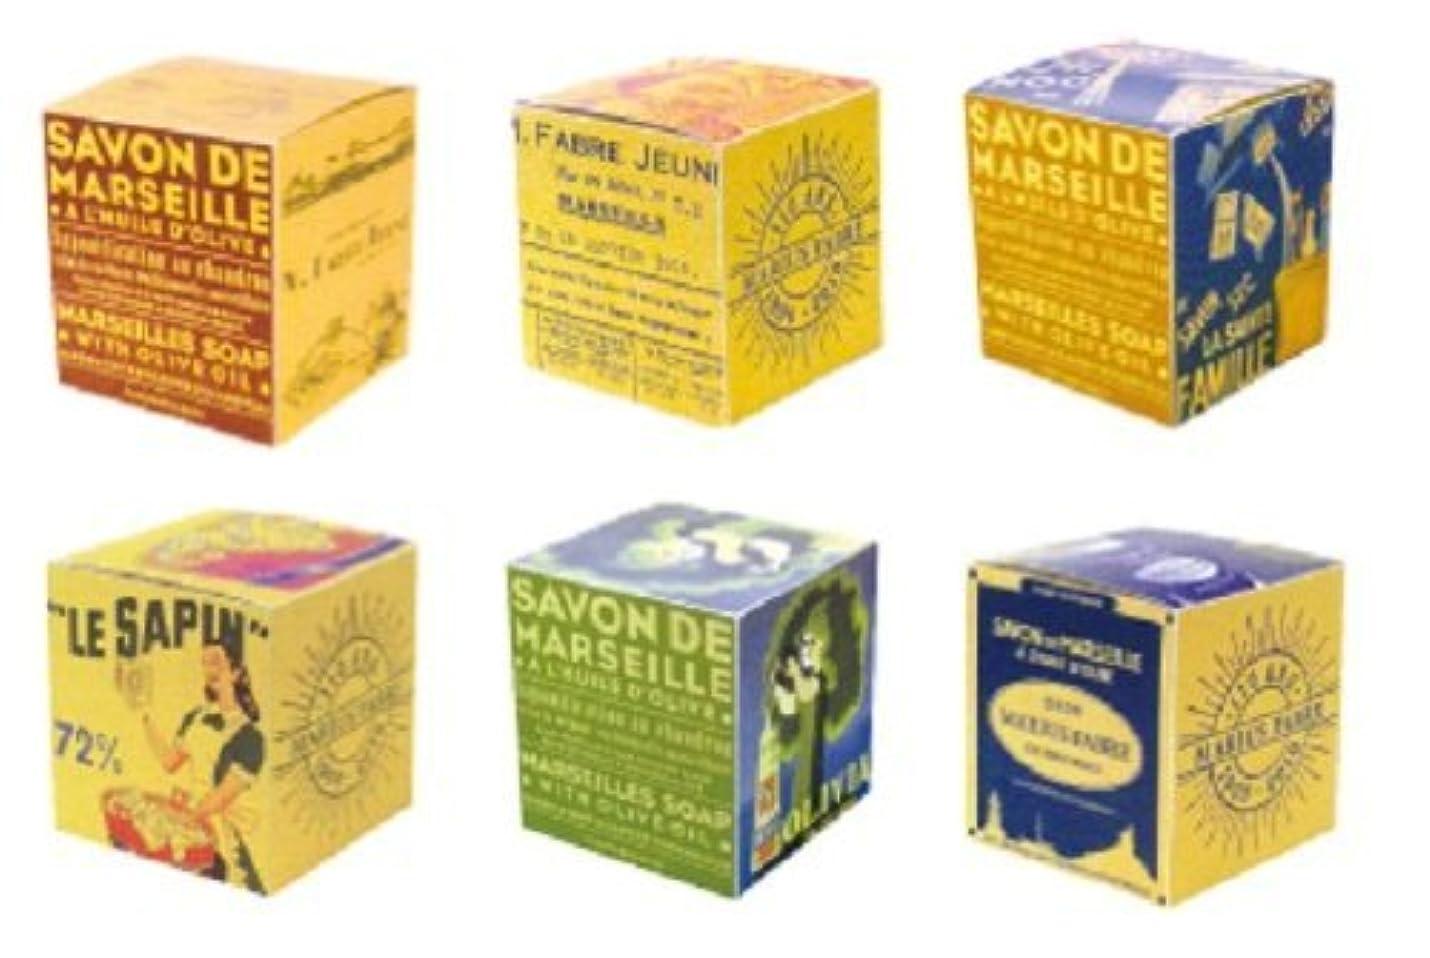 優れましたわずかな消毒剤サボンドマルセイユ BOX オリーブ 200g (箱の柄のご指定はできません)